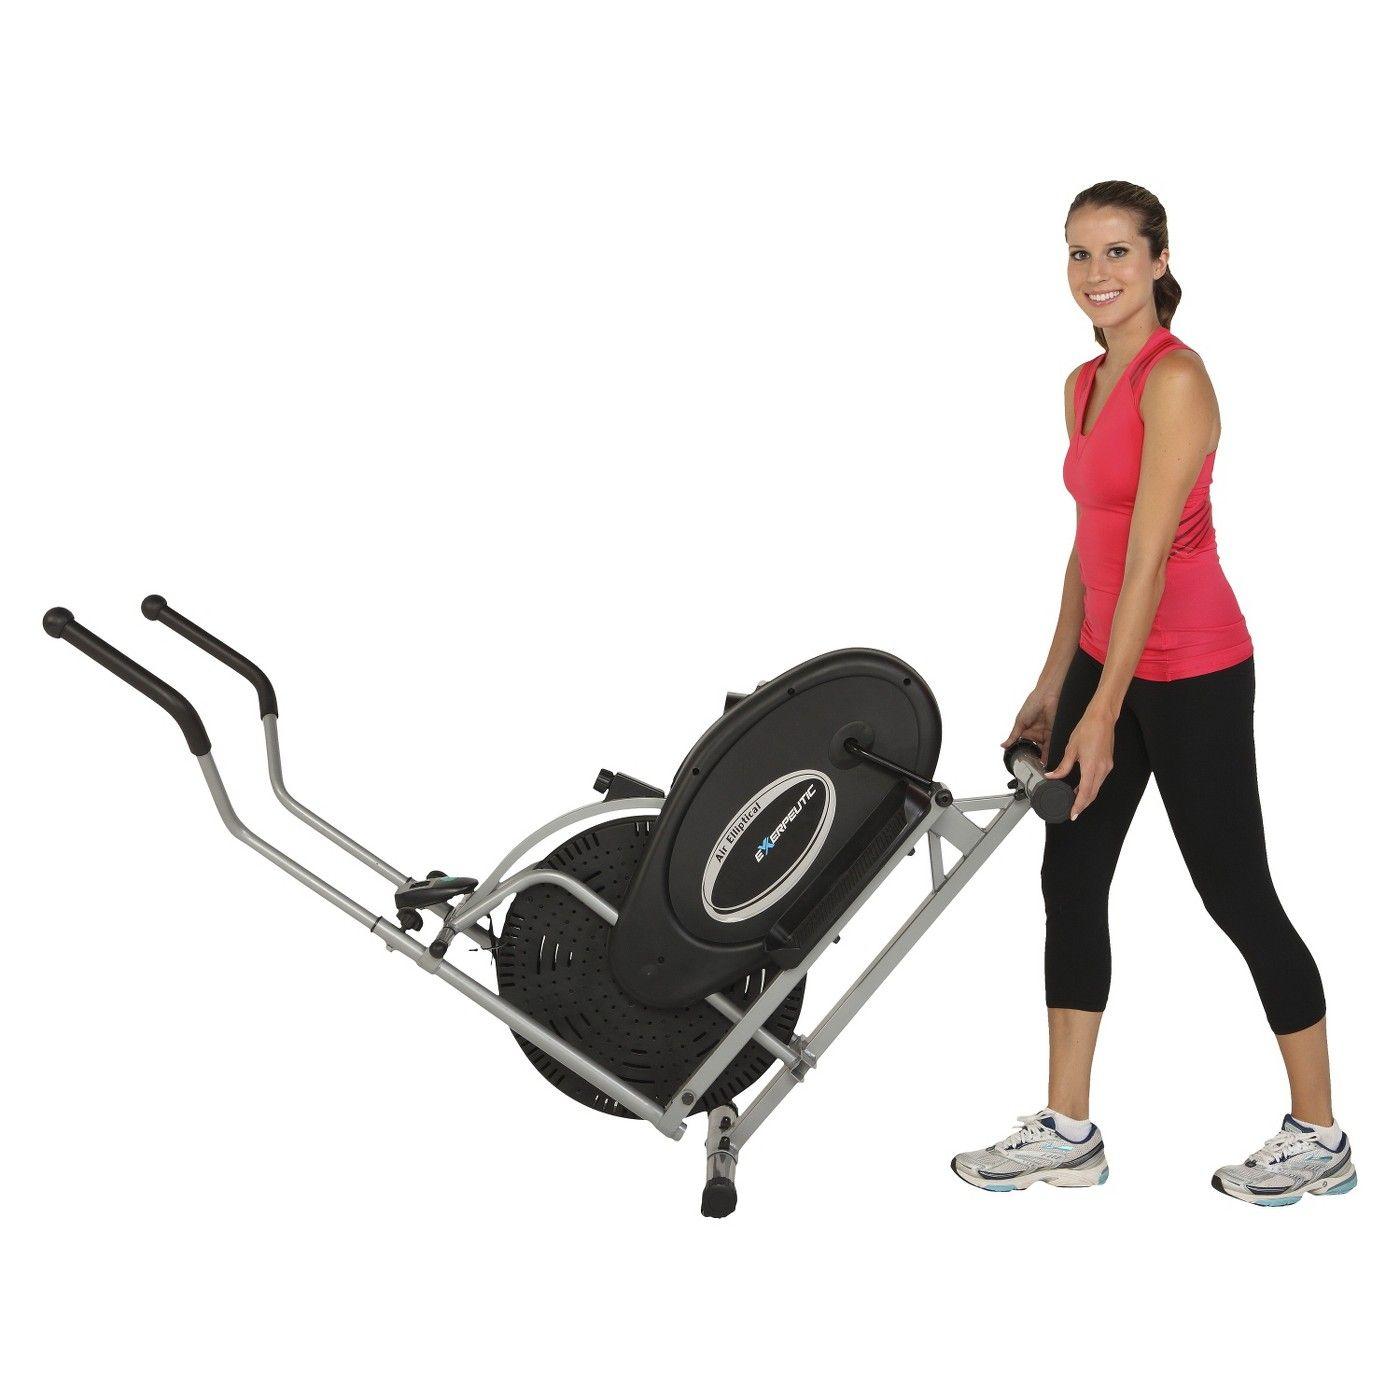 Exerpeutic air elliptical affiliate exerpeutic ad